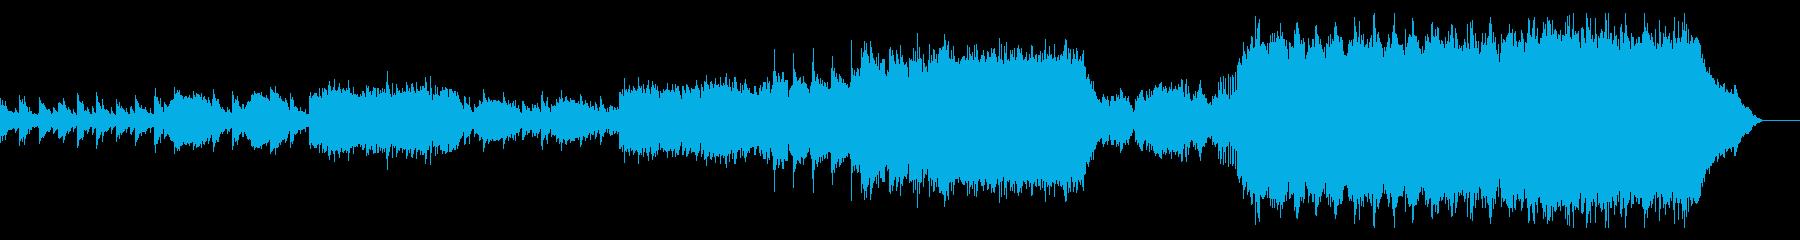 ピアノ×ギターのセンチメンタルな楽曲の再生済みの波形